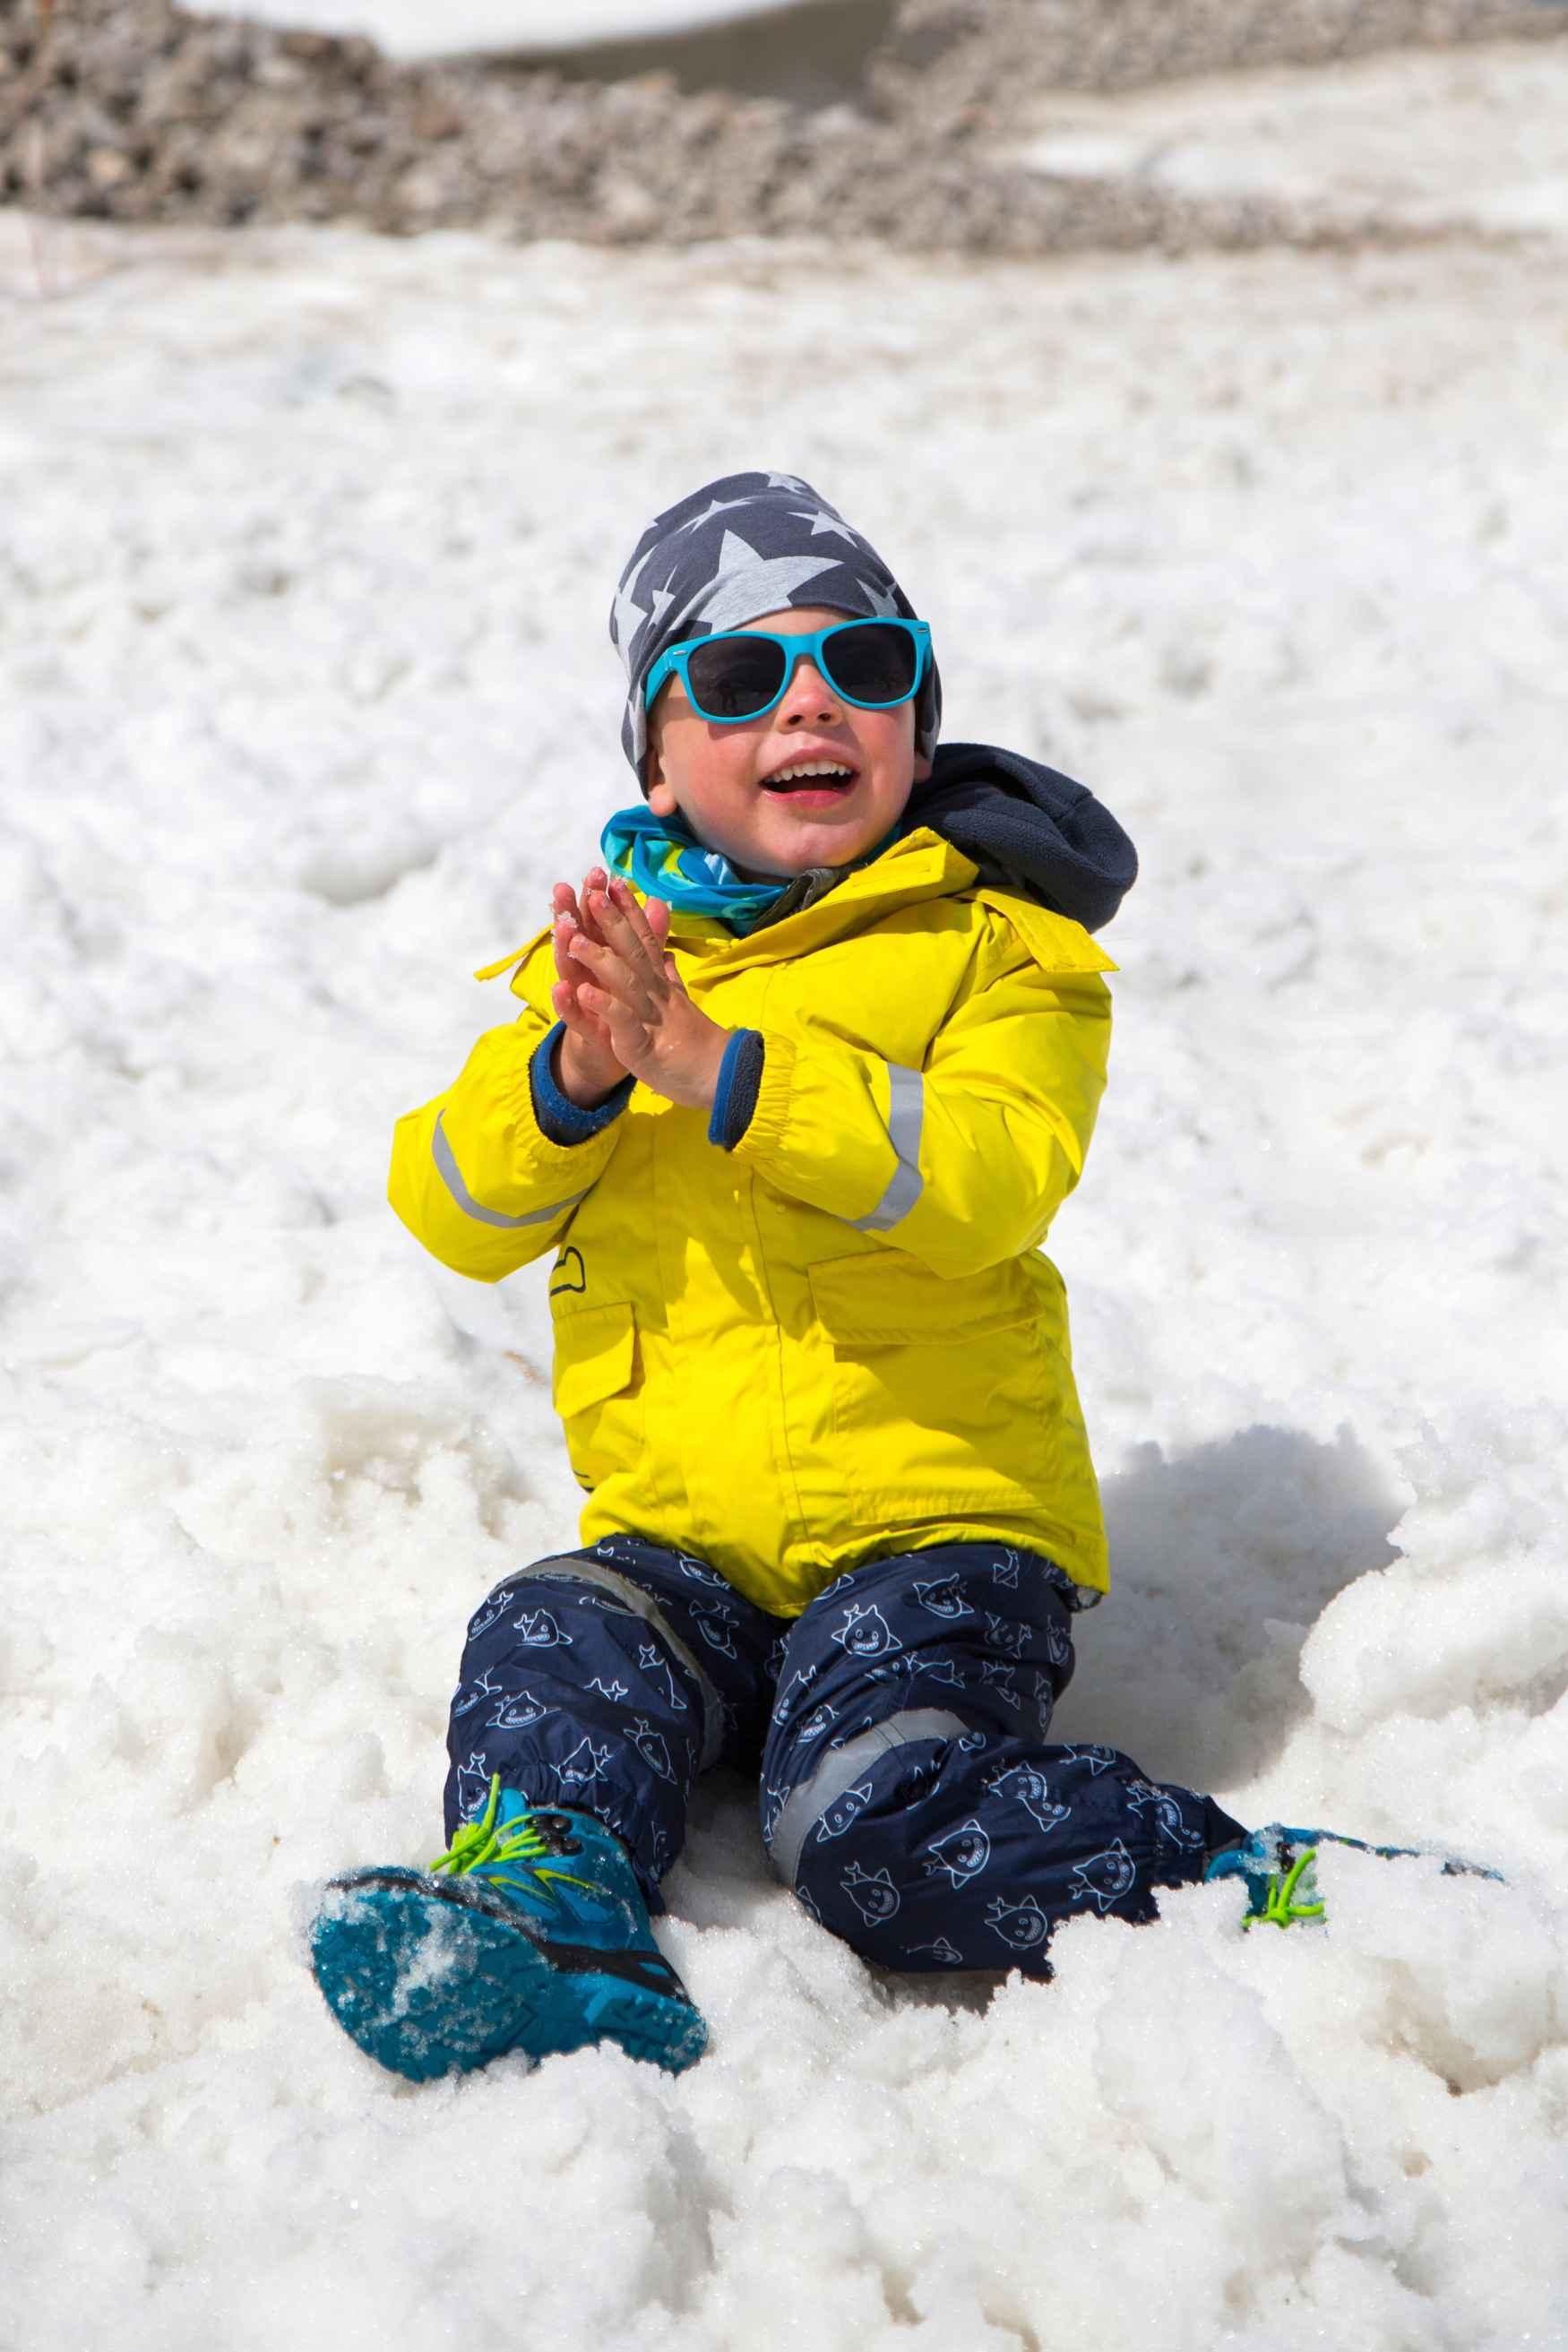 Mit dem RAIK GTX hat LOWA genau den Zeitgeist getroffen: die Winterschuhe im Look von Snowboard-Boots machen jede Schneeballschlacht und Rodelpartie mit. Dazu passt der Schaft aus Nubuk und Textilgewebe. Das GORE-TEX-Partelana-Futter sorgt darüber hinaus für besten Komfort.